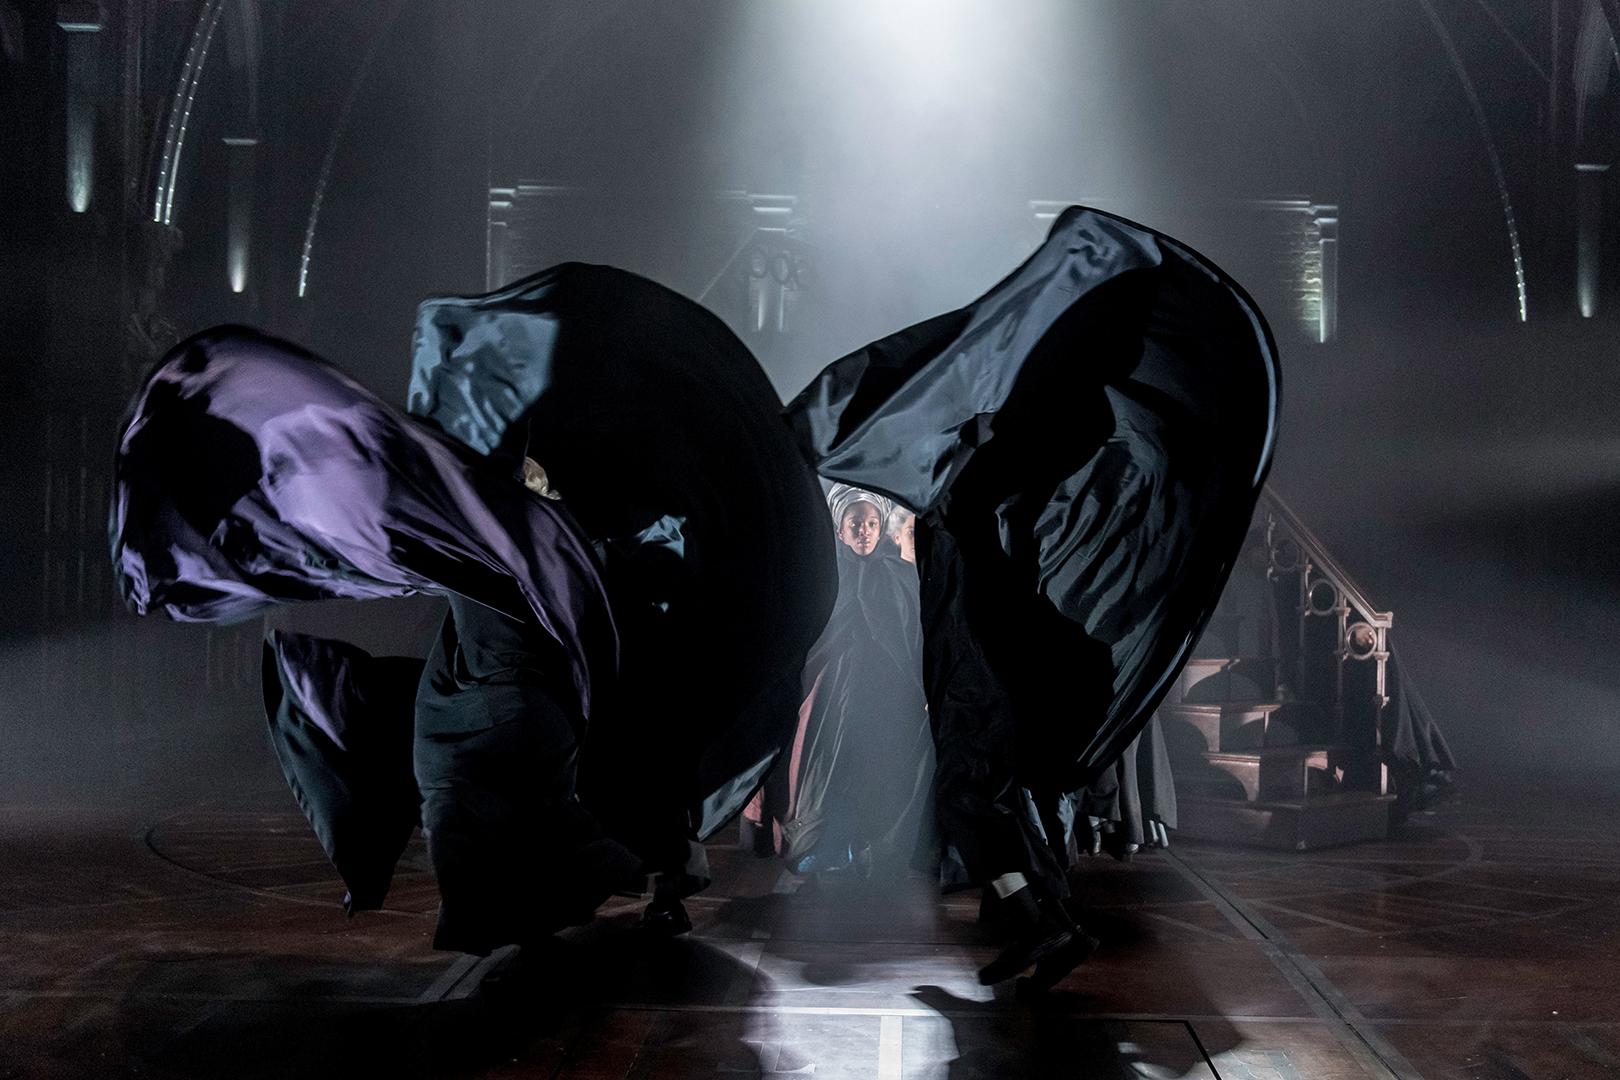 Bruxos performam balançando suas capas